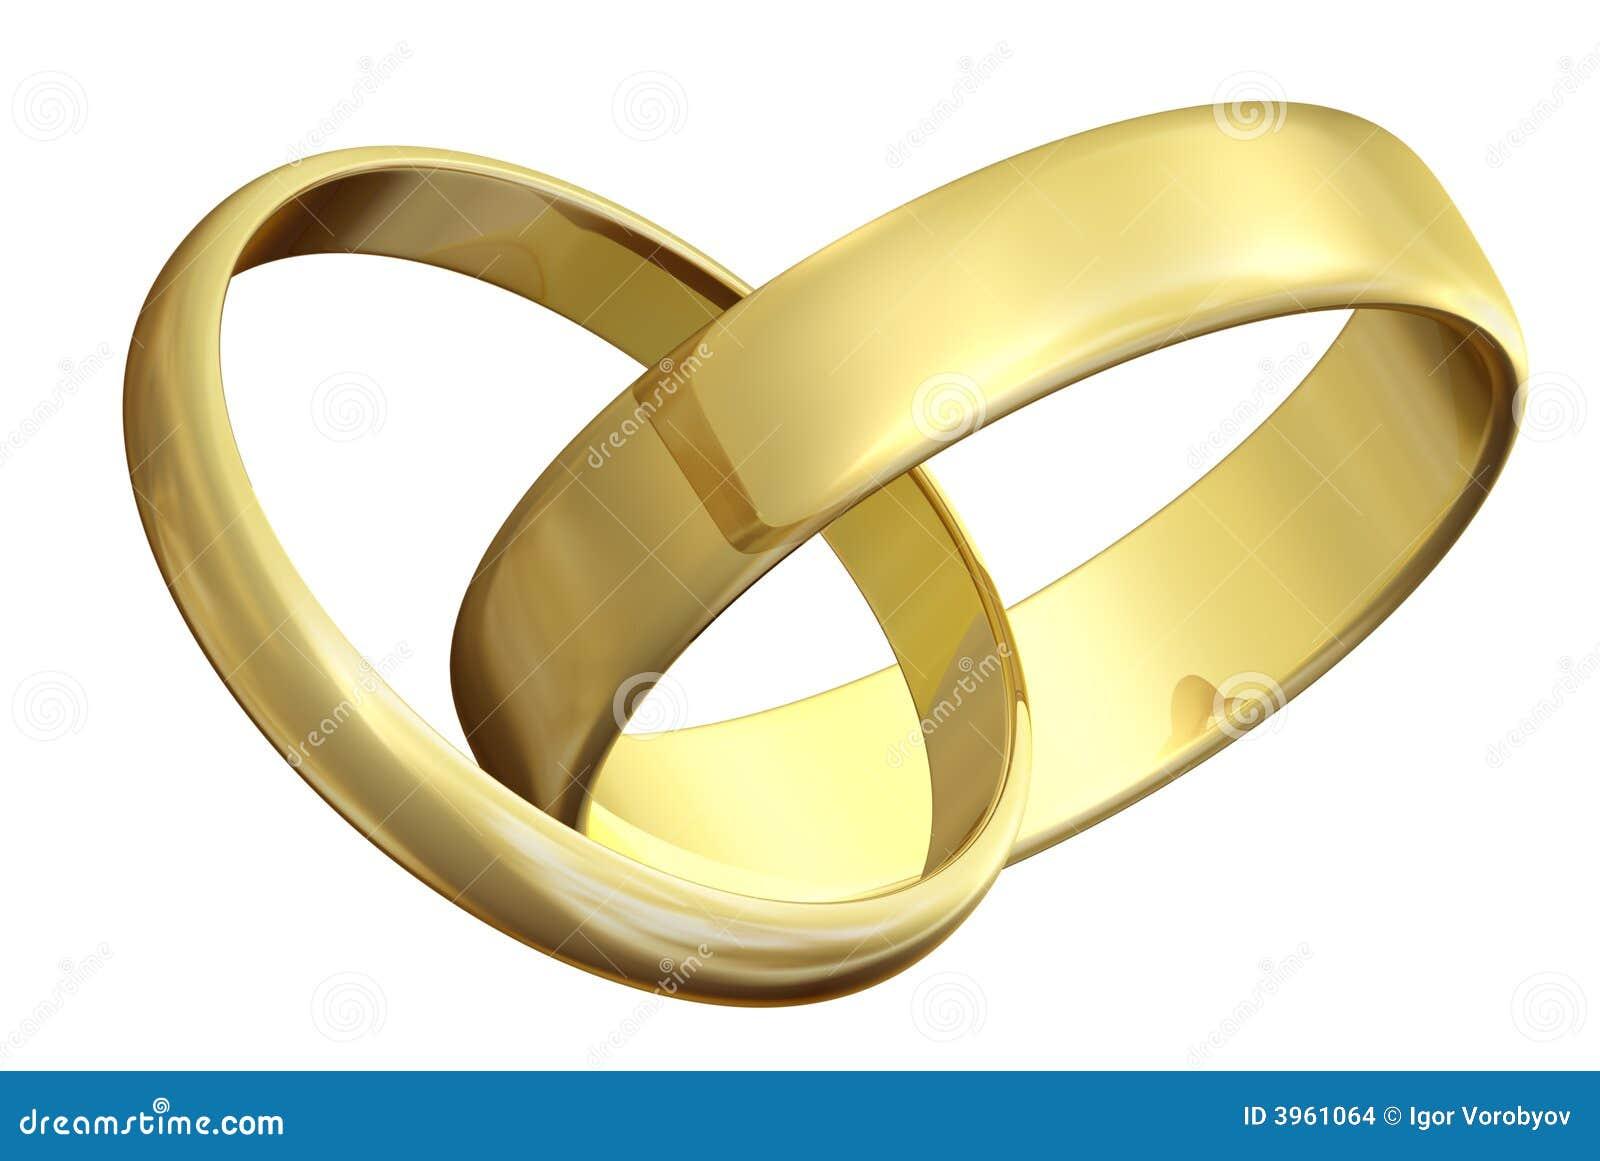 Zwei Ringe Der Goldenen Hochzeit Stock Illustrationen Vektors